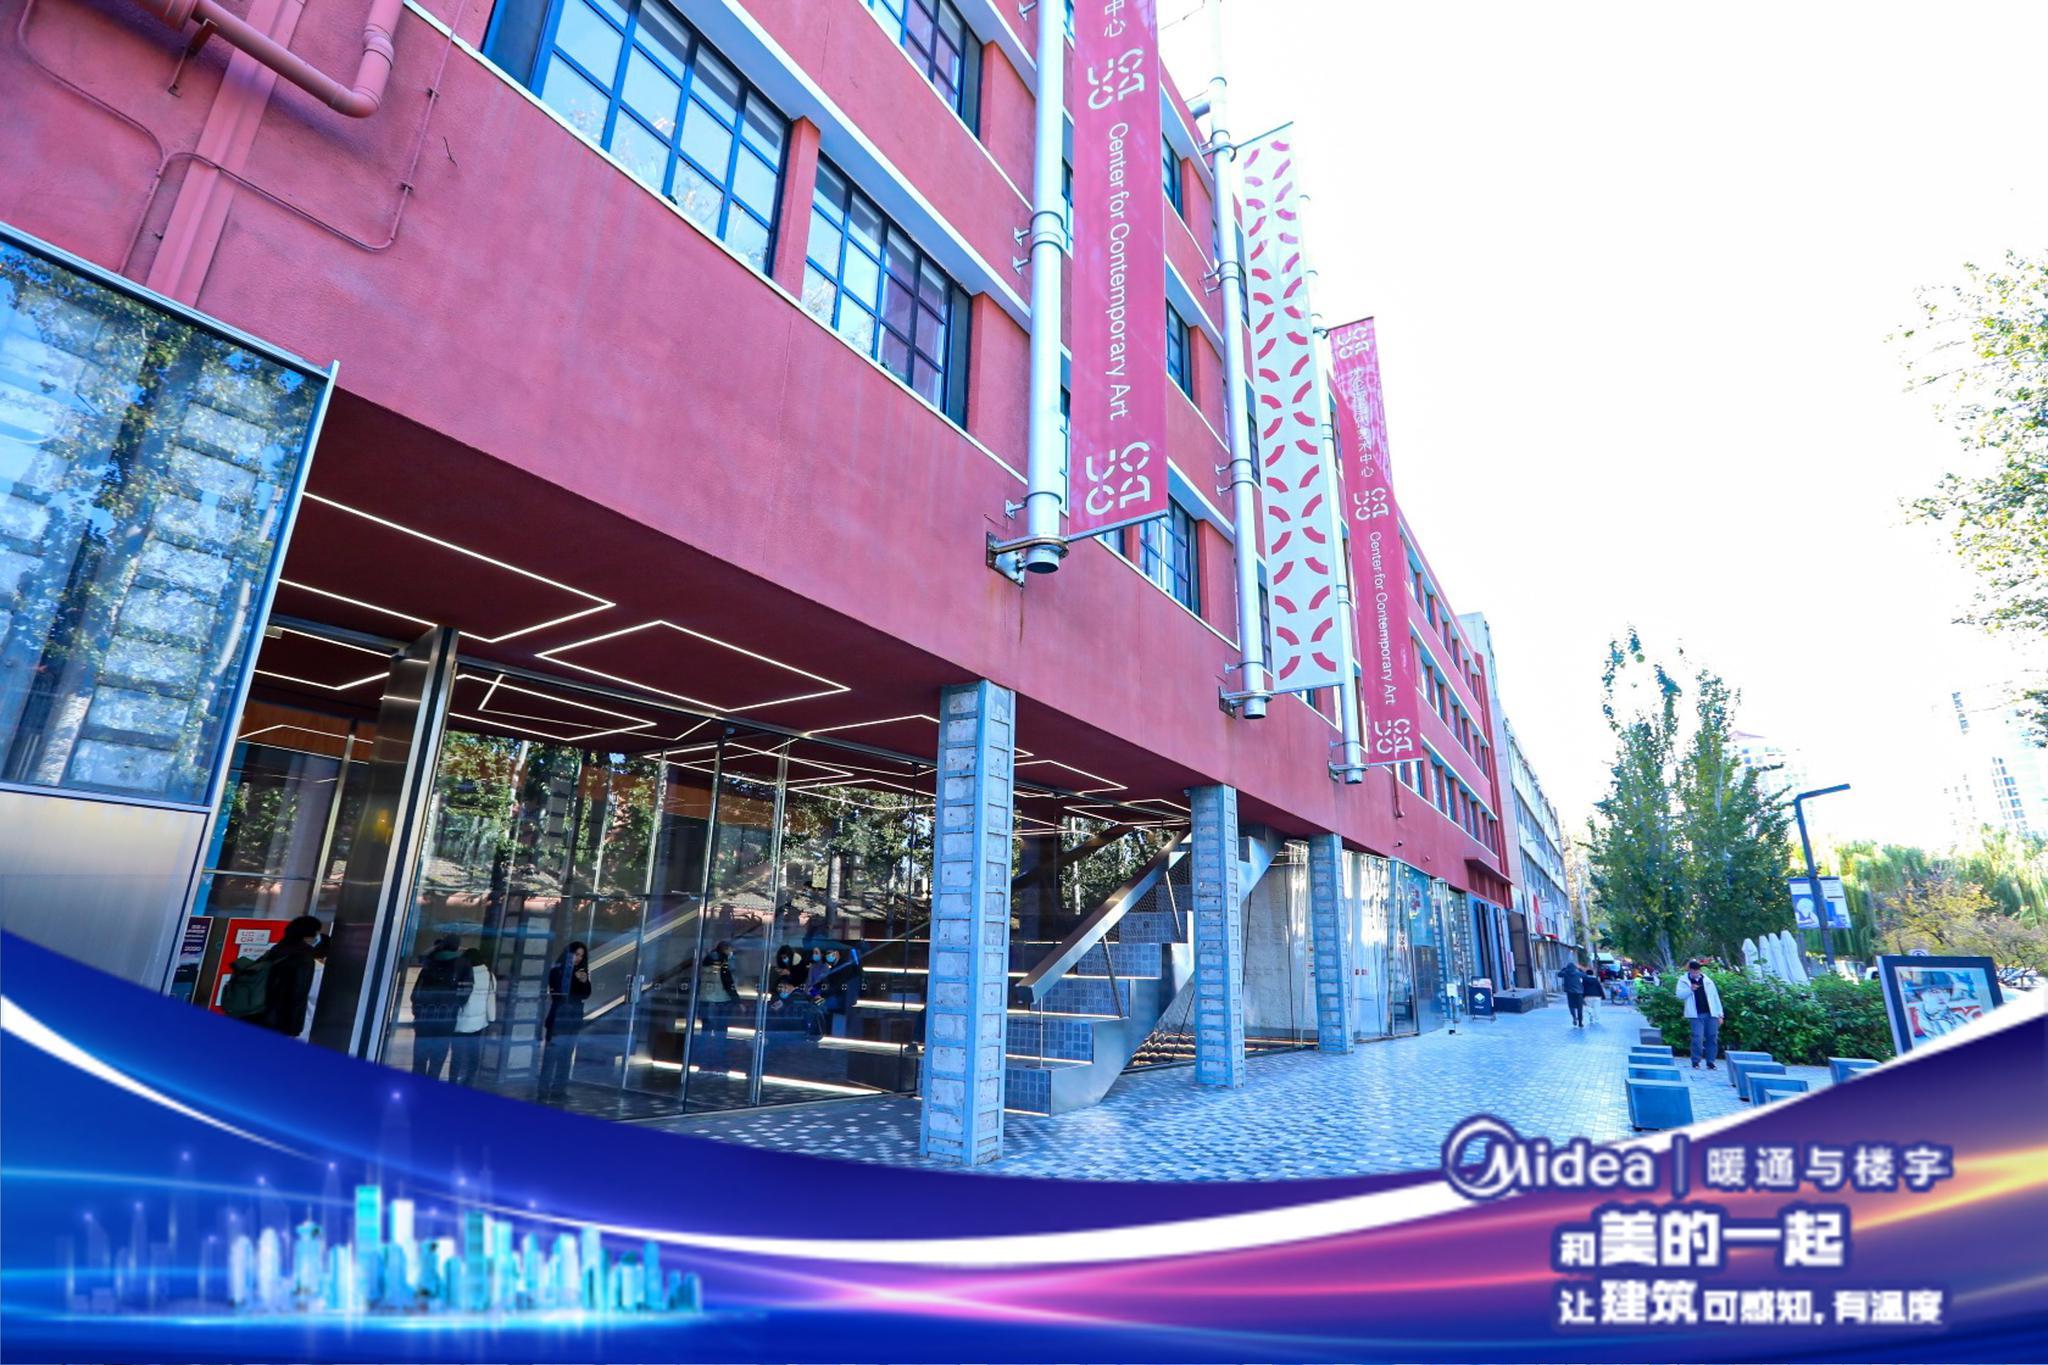 让建筑可感知有温度 美的暖通与楼宇媒体品鉴行北京首站举行